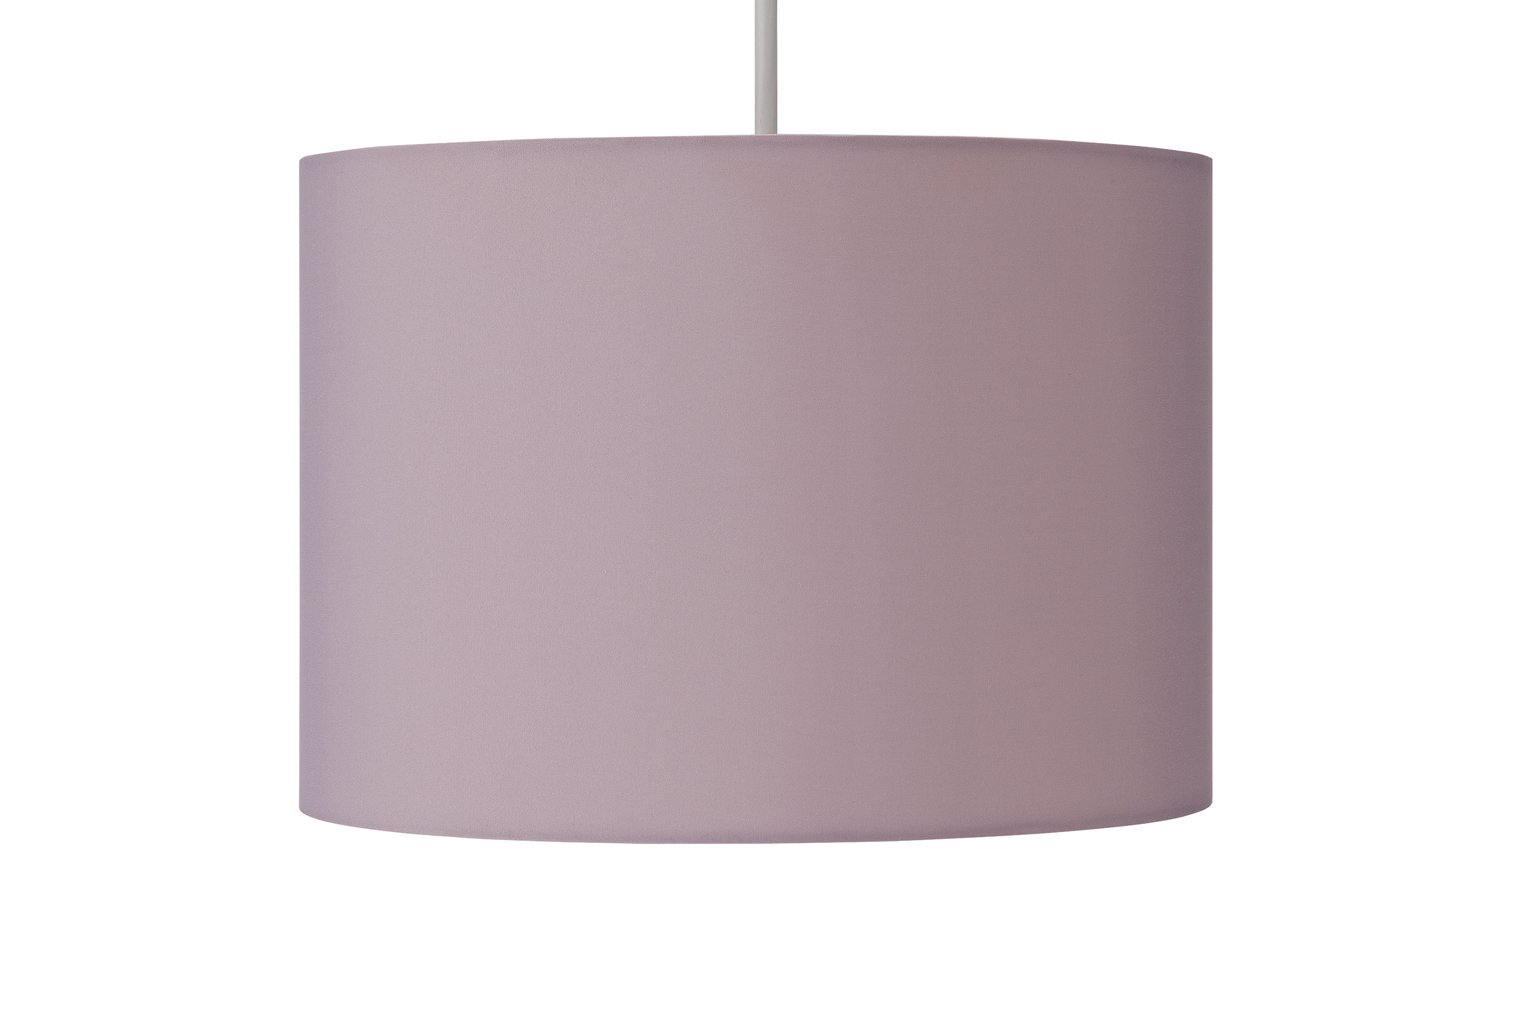 Argos Home Drum Shade - Blush Pink